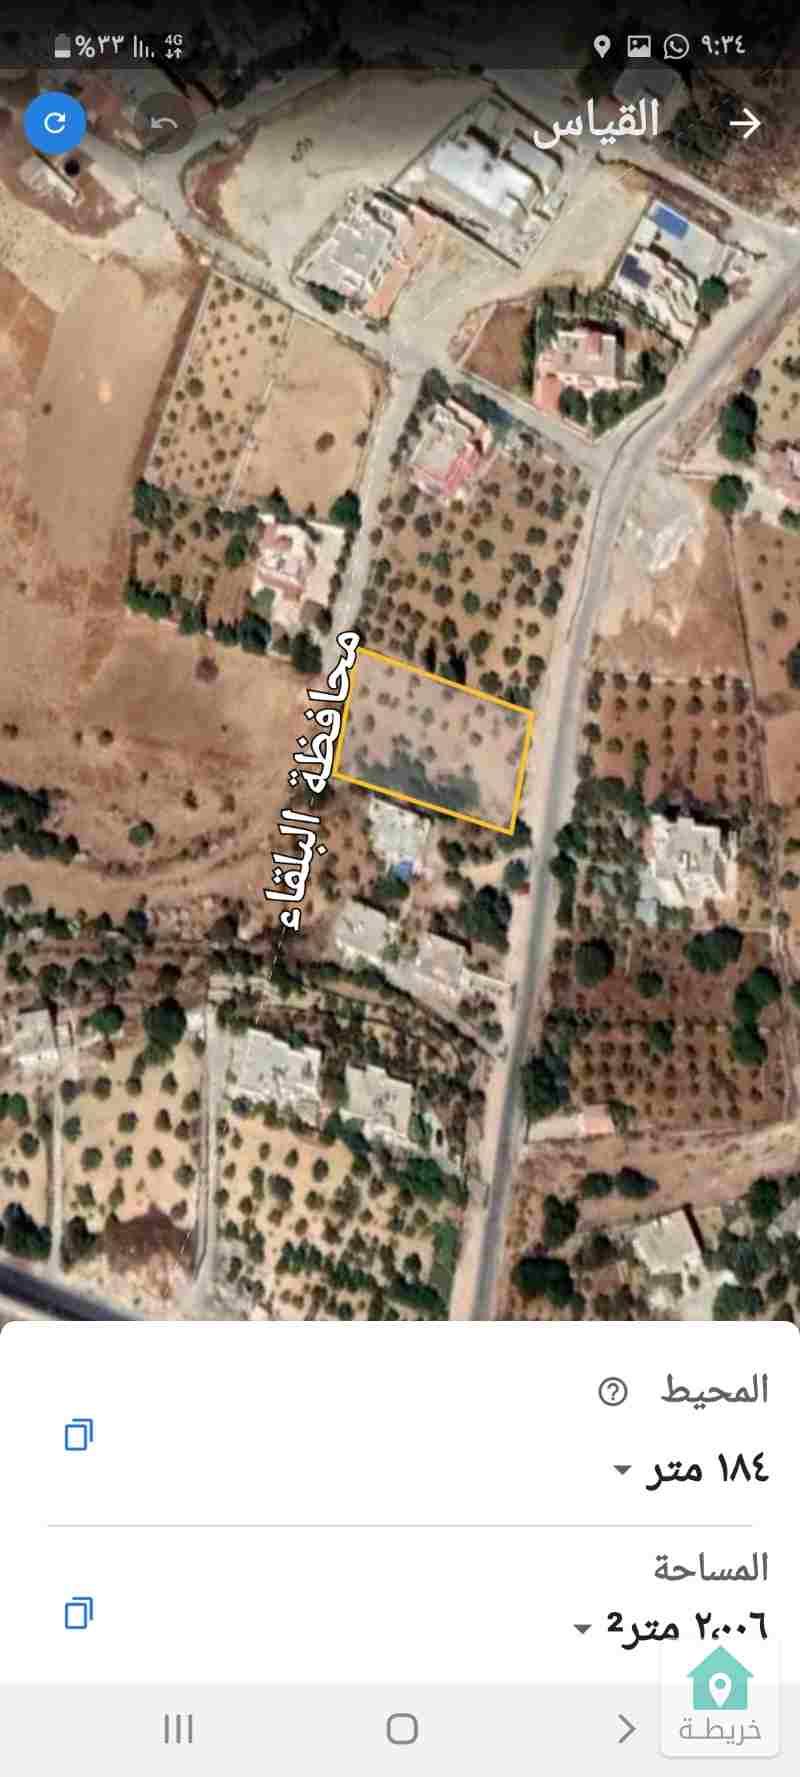 أرض سكنية للبيع في دابوق 2000 متر بسعر 250 دينار المتر